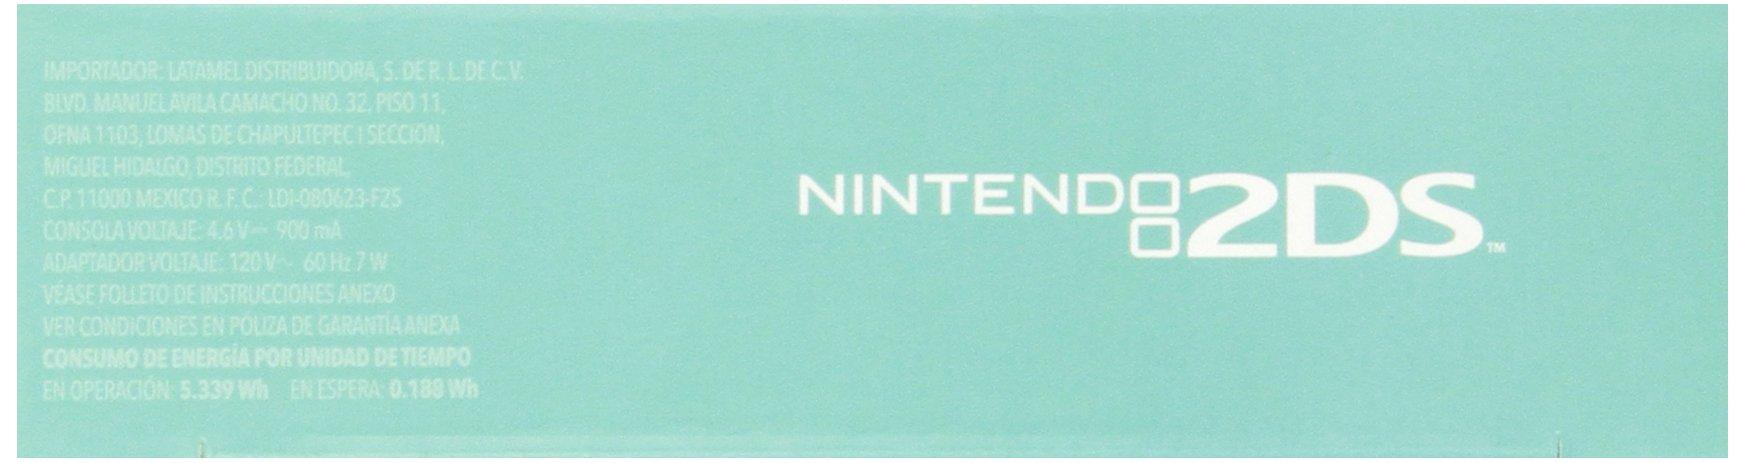 Nintendo 2DS Sea Green (Includes Mario Kart 7) by Nintendo (Image #4)